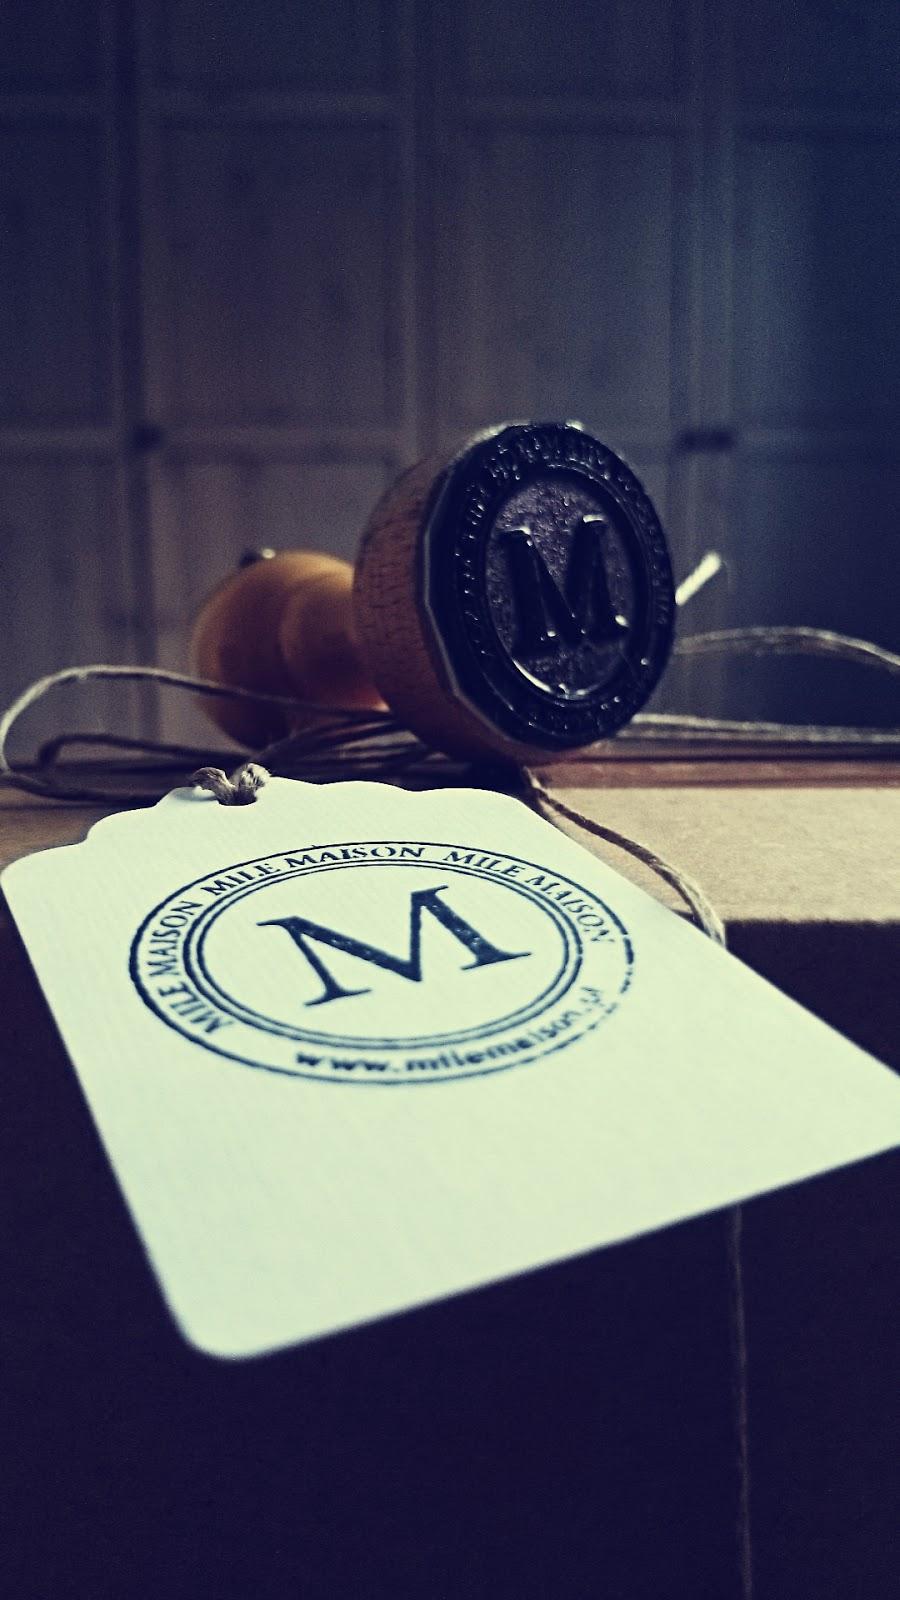 Drewniana pieczęć sklepu Mile Maison i etykietka sklepu Mile Maison